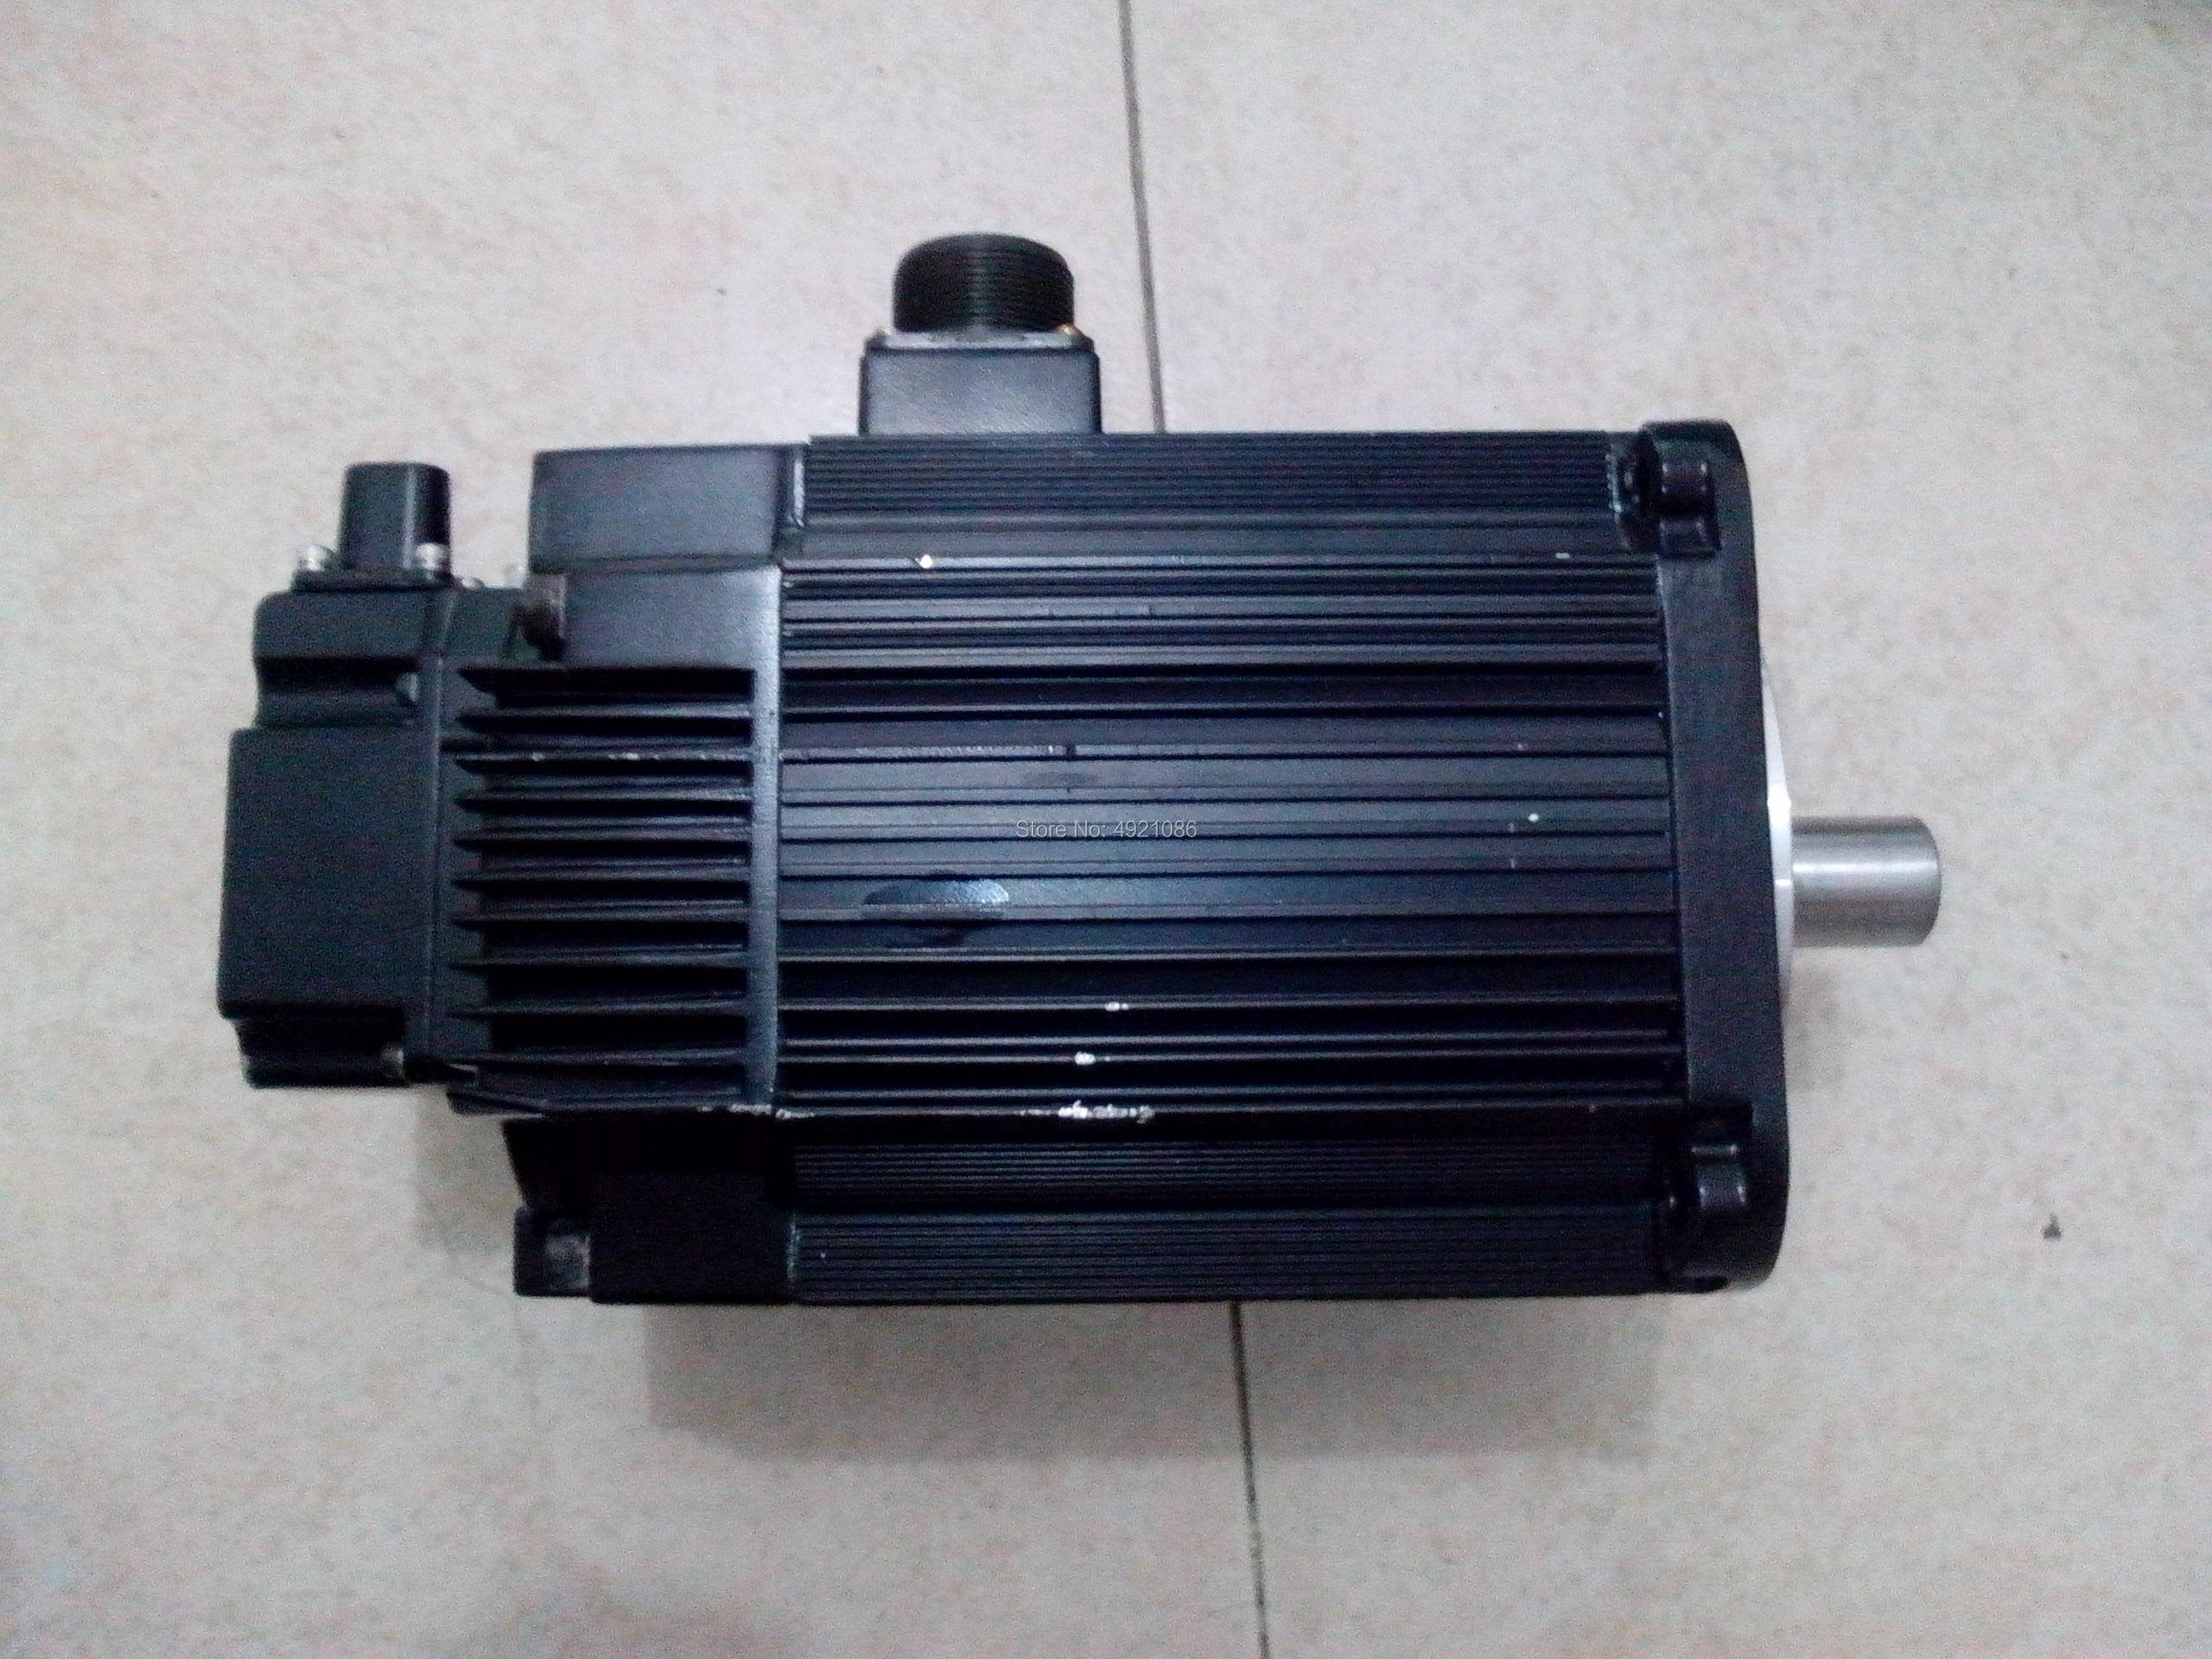 SGMPH-15AAA21 SGMPH ac servo motorSGMPH-15AAA21 SGMPH ac servo motor